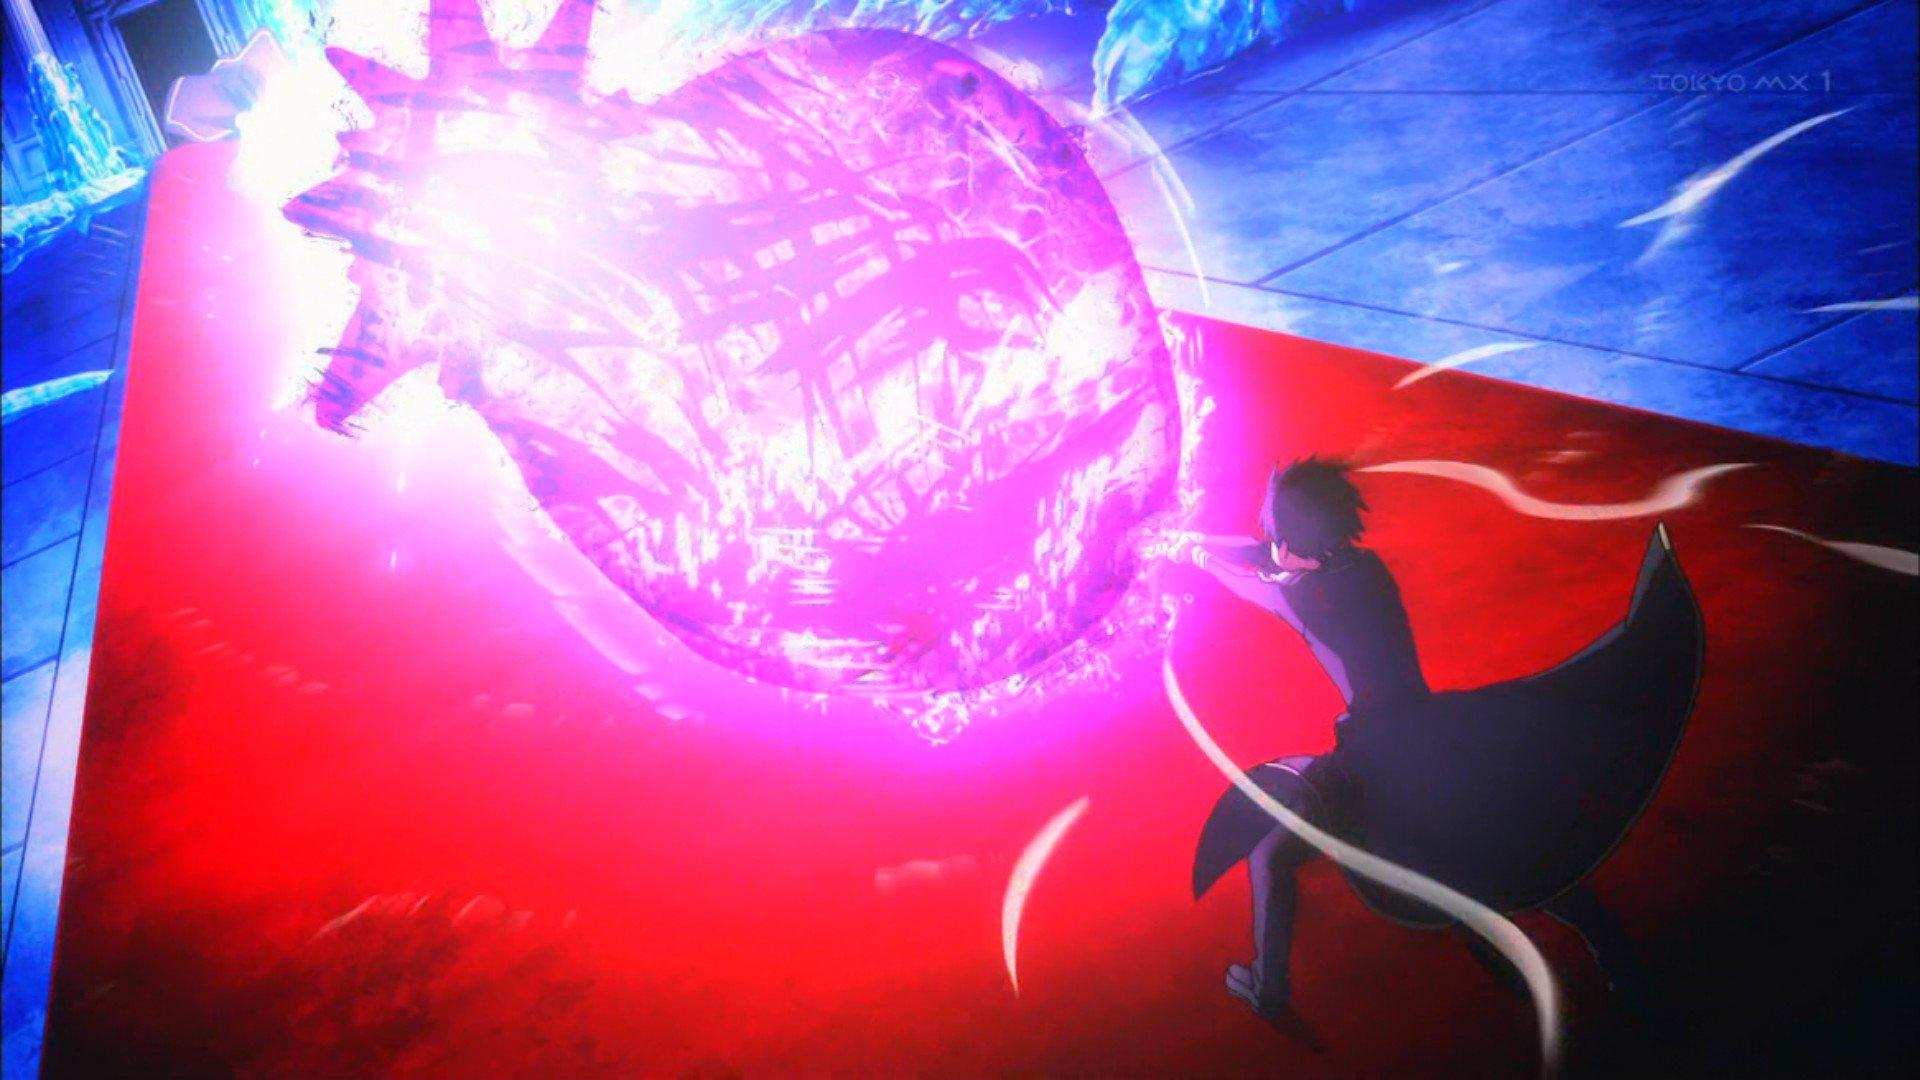 ついにキリトさんも剣からビーム出せるようになりましたか #sao_anime https://t.co/RwR38NK2j3